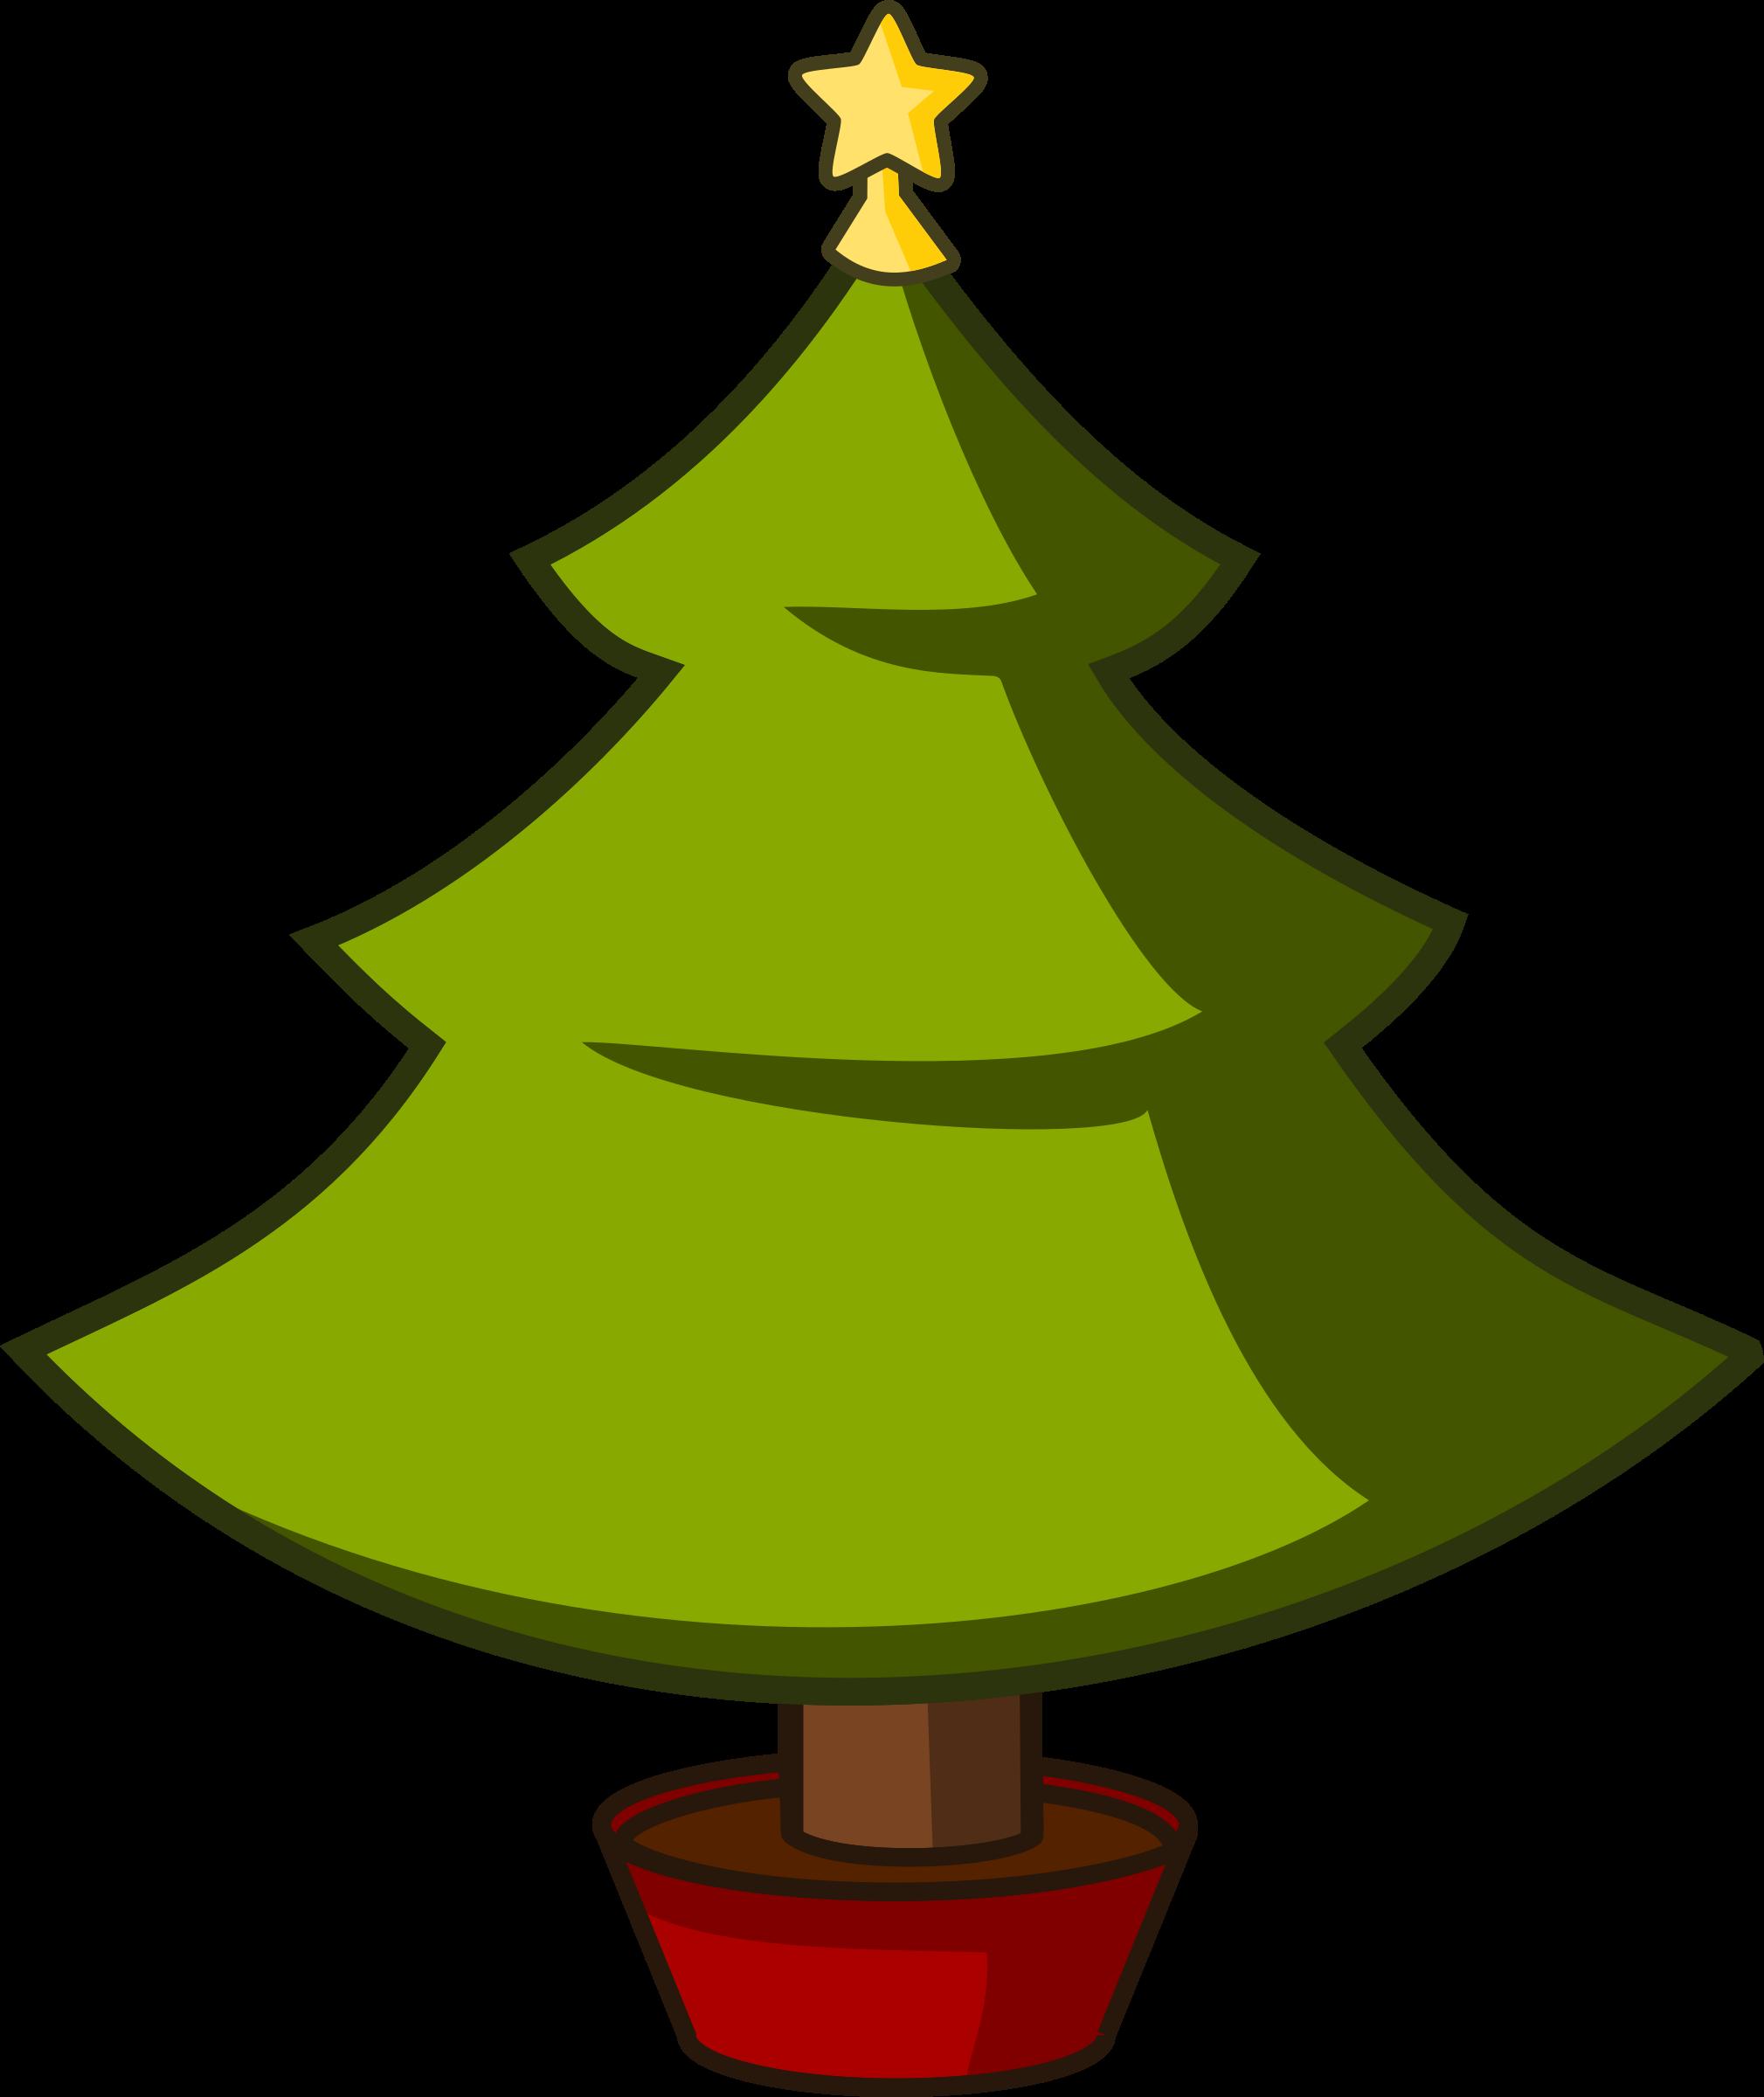 2019x2400 Fir Tree Clipart Caricature